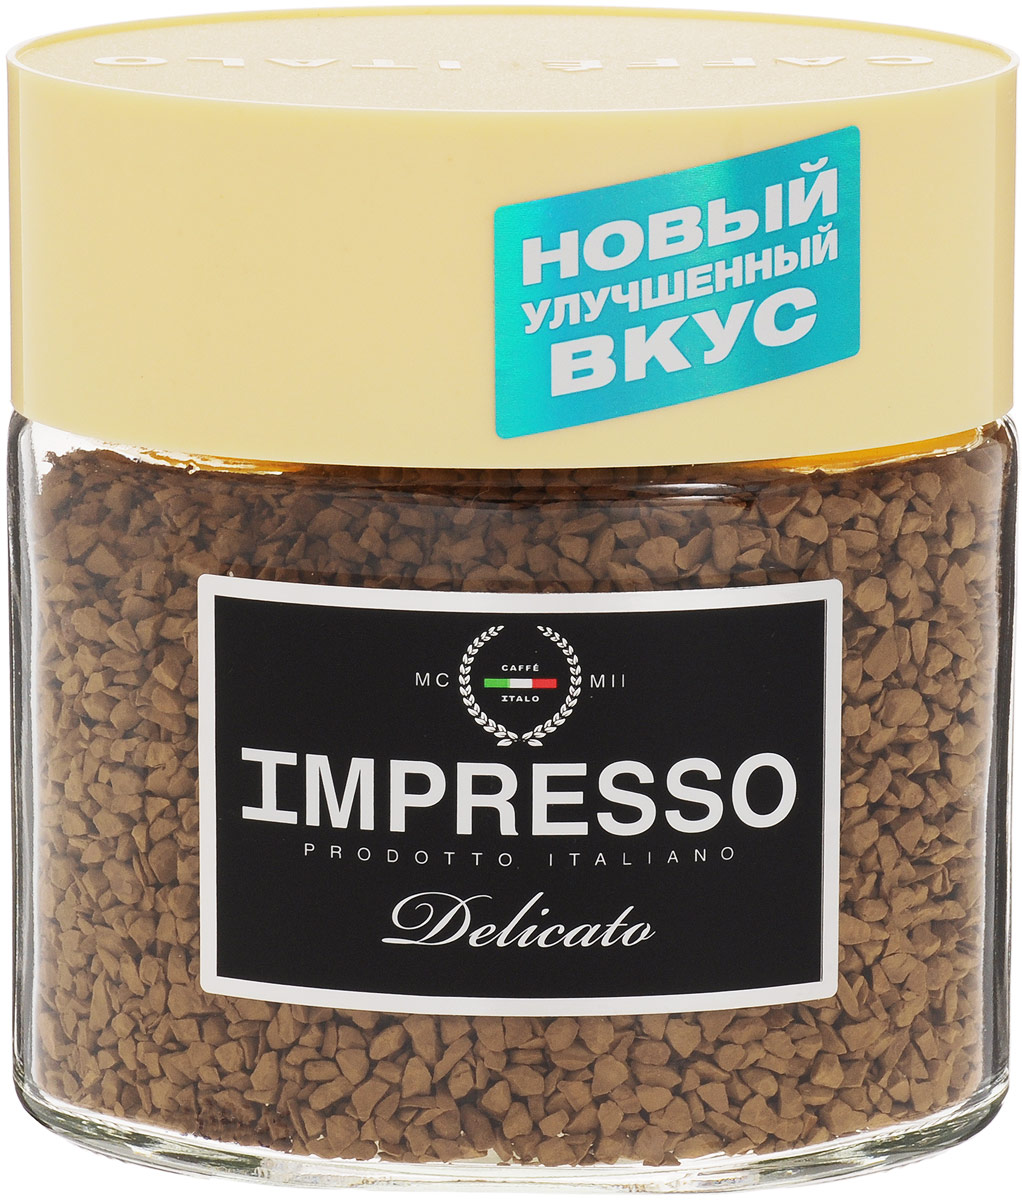 Impresso Delicato кофе растворимый, 100 г (банка)8057288870025Impresso Delicato - настоящий итальянский кофе, который восхищает полнотой вкуса и быстротой приготовления.В купаж кофе вошли сорта арабики из Бразилии и Ямайки с деликатным насыщенным вкусом.Уважаемые клиенты! Обращаем ваше внимание на то, что упаковка может иметь несколько видов дизайна. Поставка осуществляется в зависимости от наличия на складе.